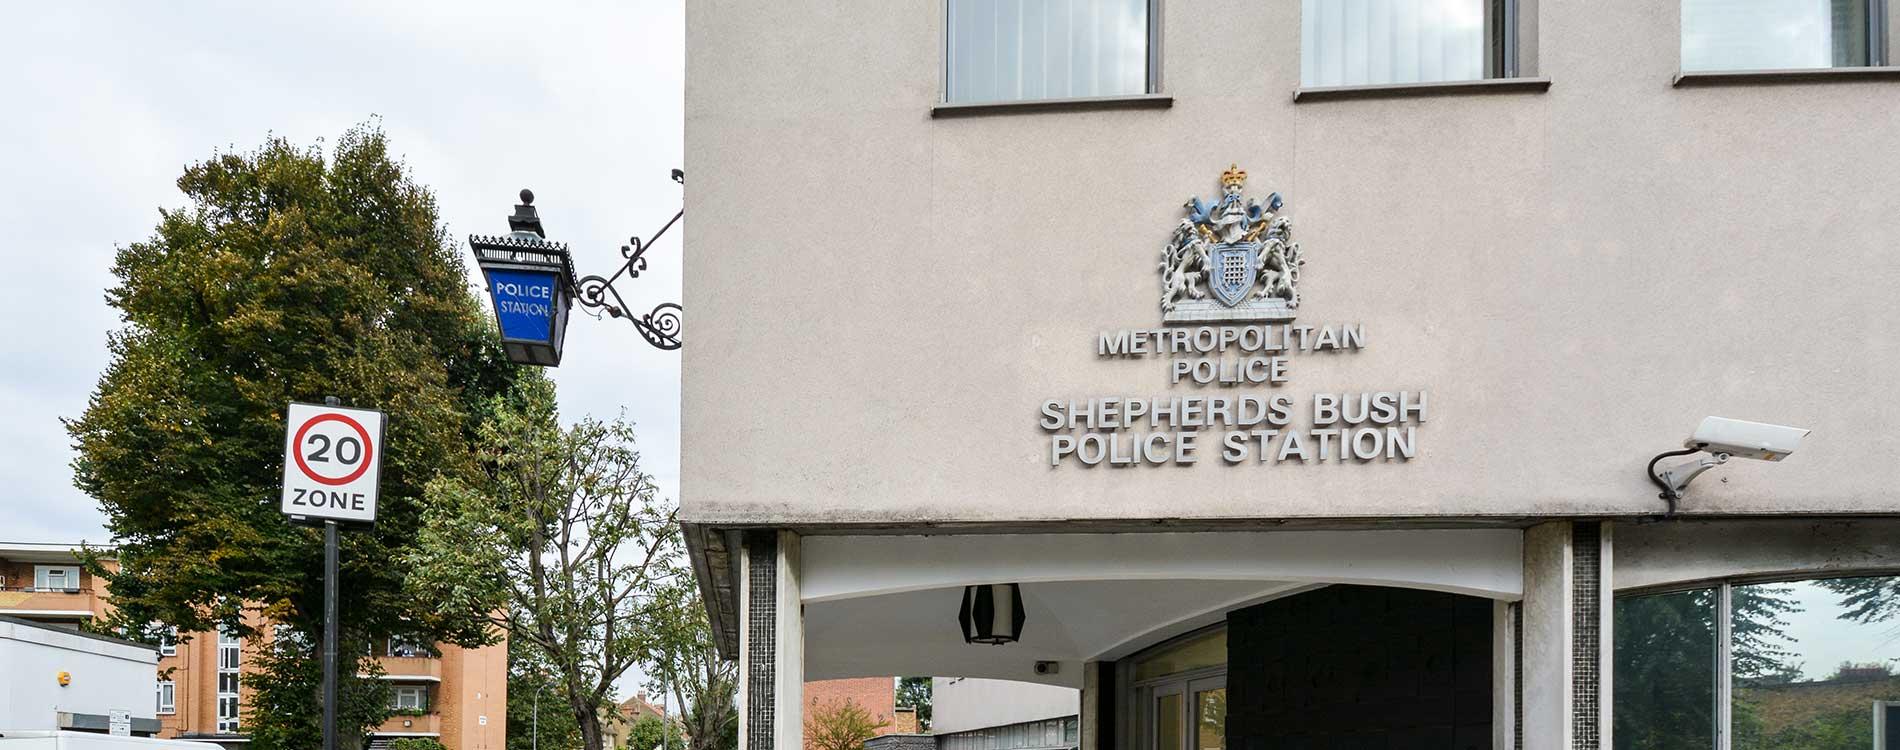 Shepherds bush police station signage